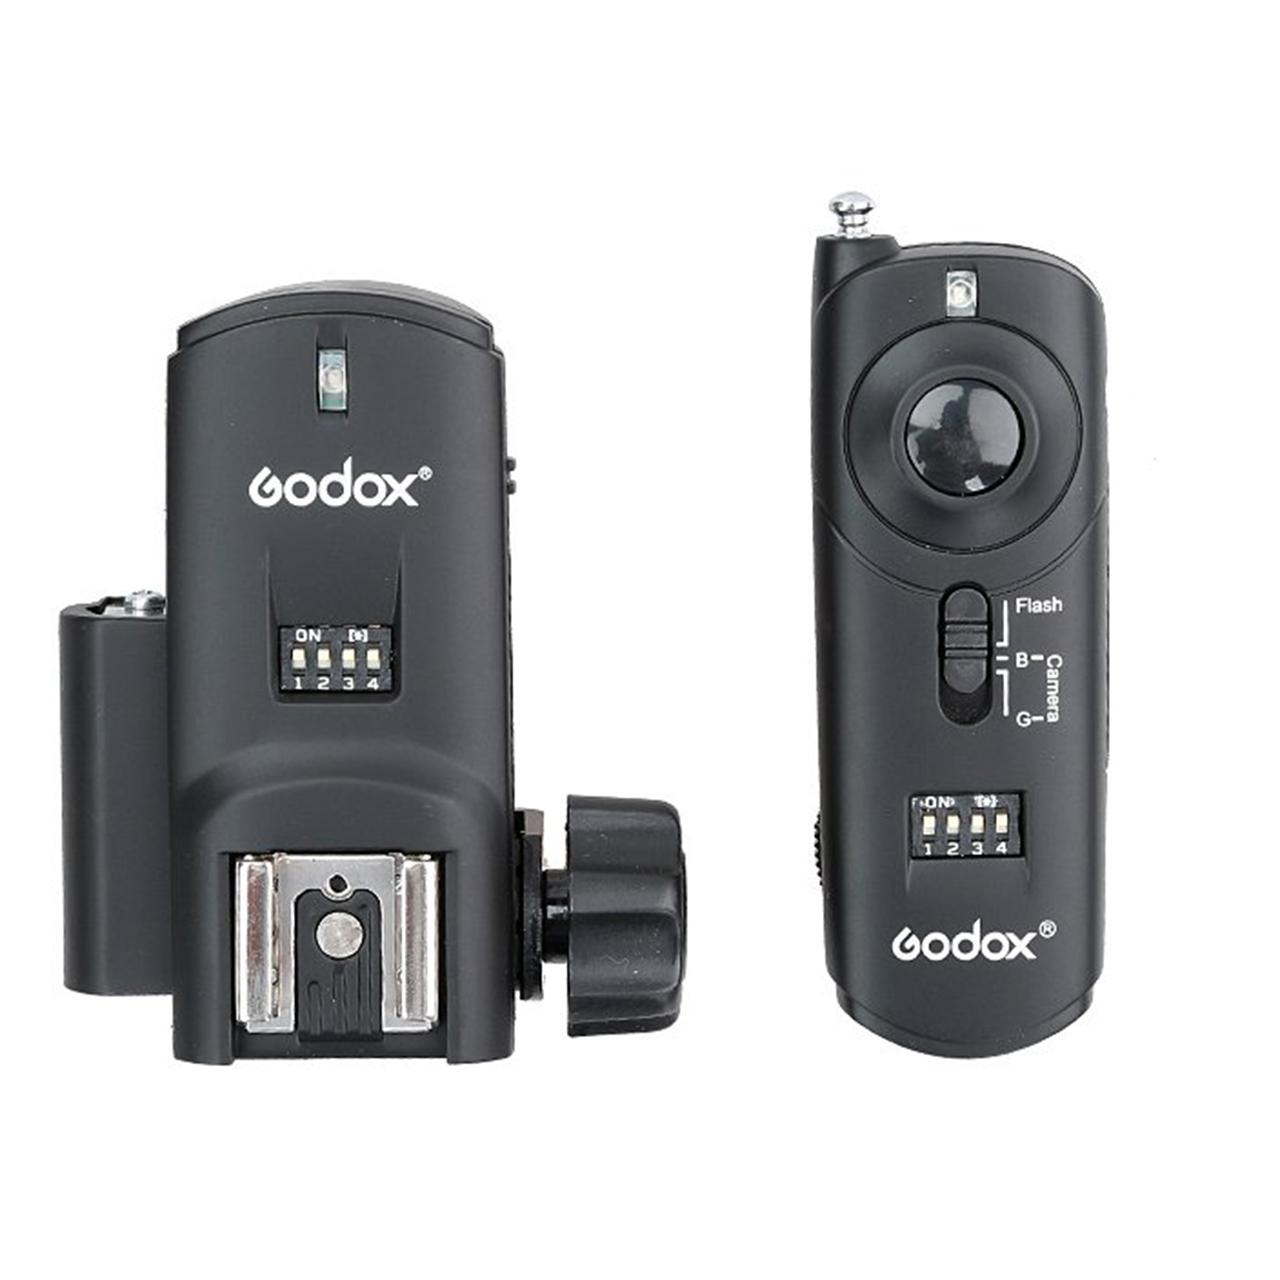 رادیو تریگر گودکس مدل REEMIX–C مناسب برای دوربین های کانن